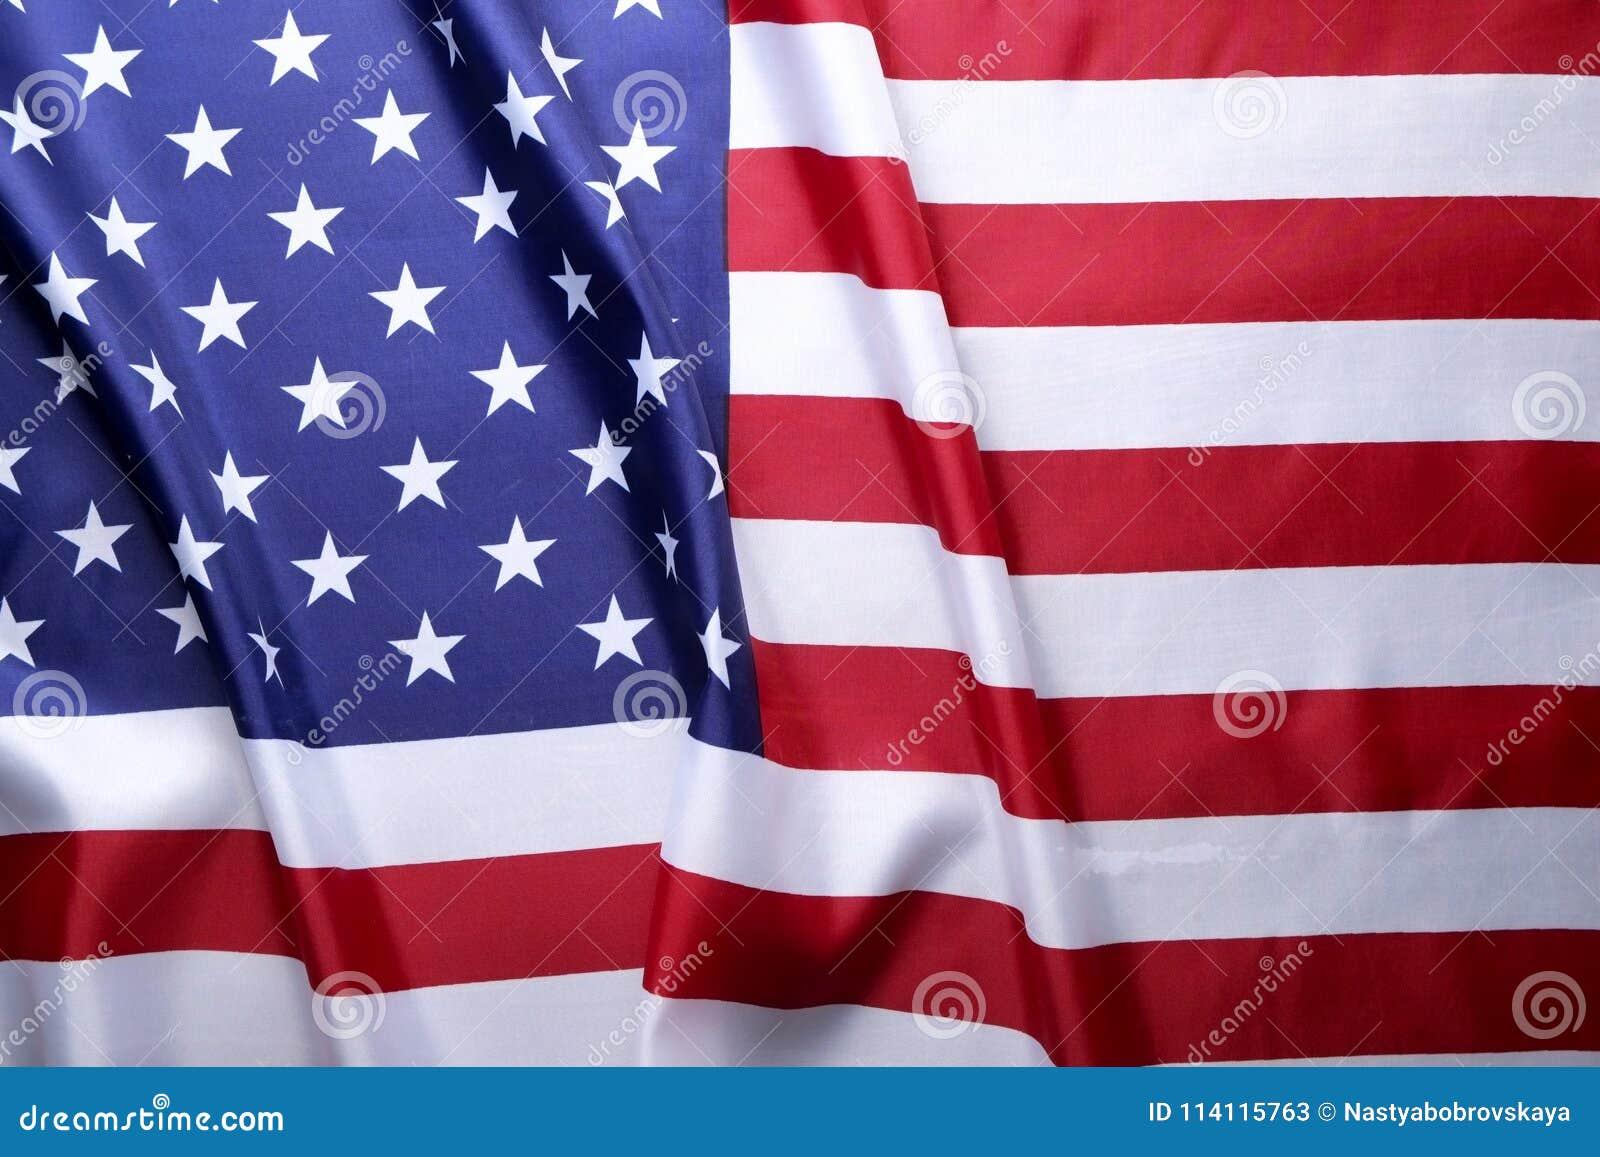 Bandeira do fundo do Estados Unidos da América para a celebração federal nacional dos feriados e o dia de lamentação da relembran